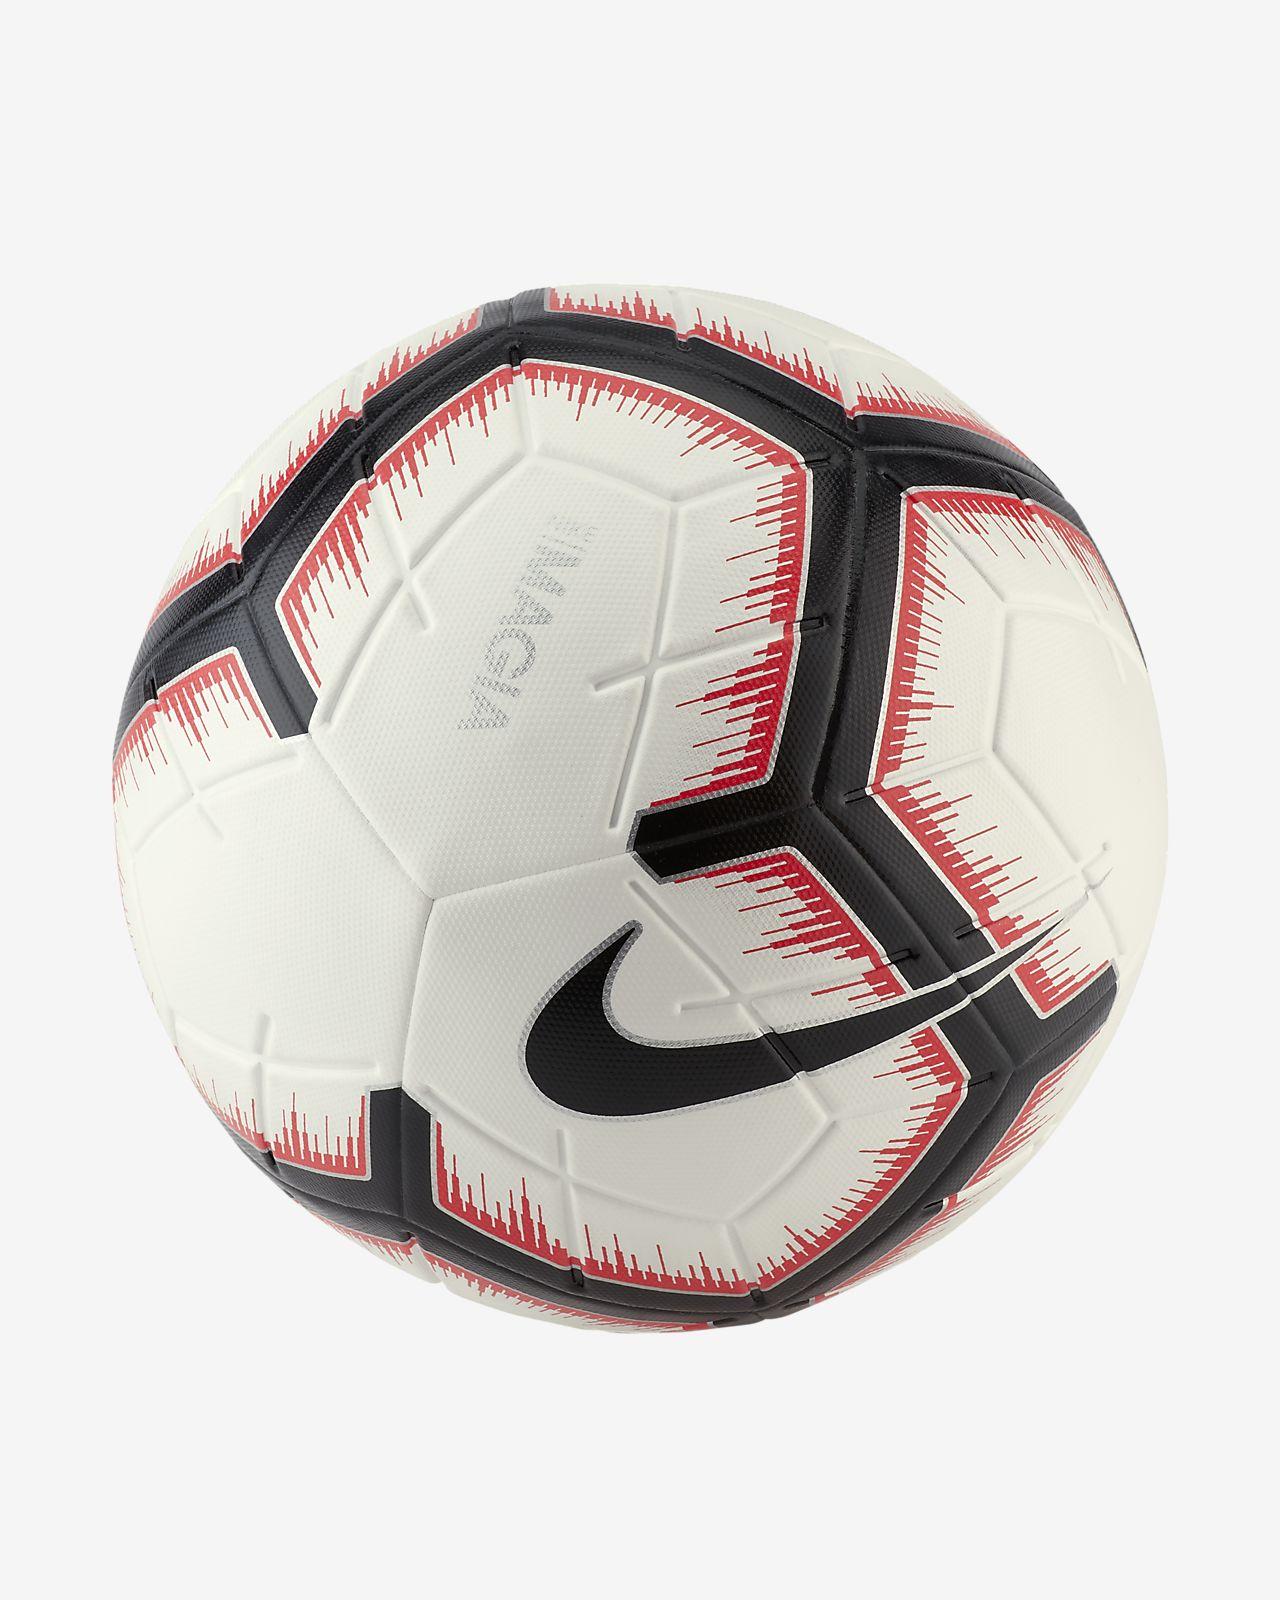 ナイキ マジア サッカーボール